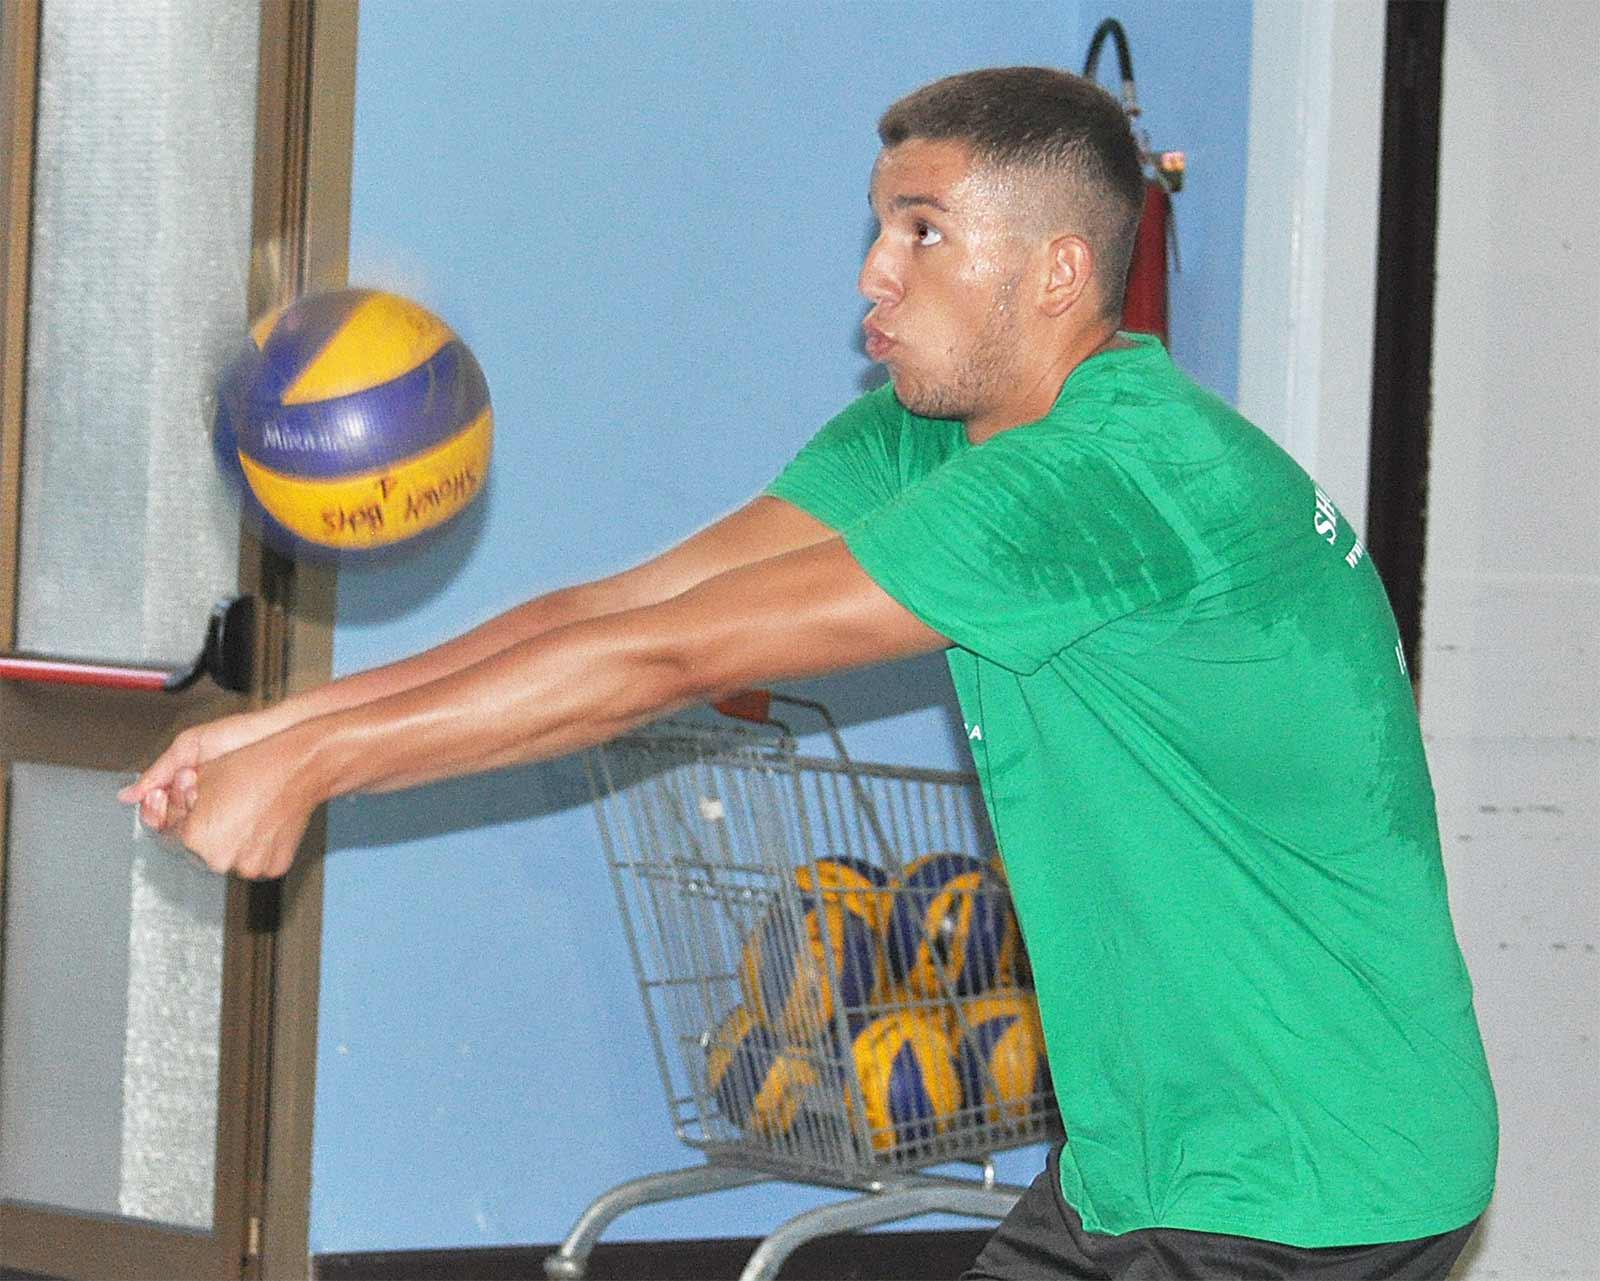 La passione per la pallavolo per Valerio è diventata stile di vita